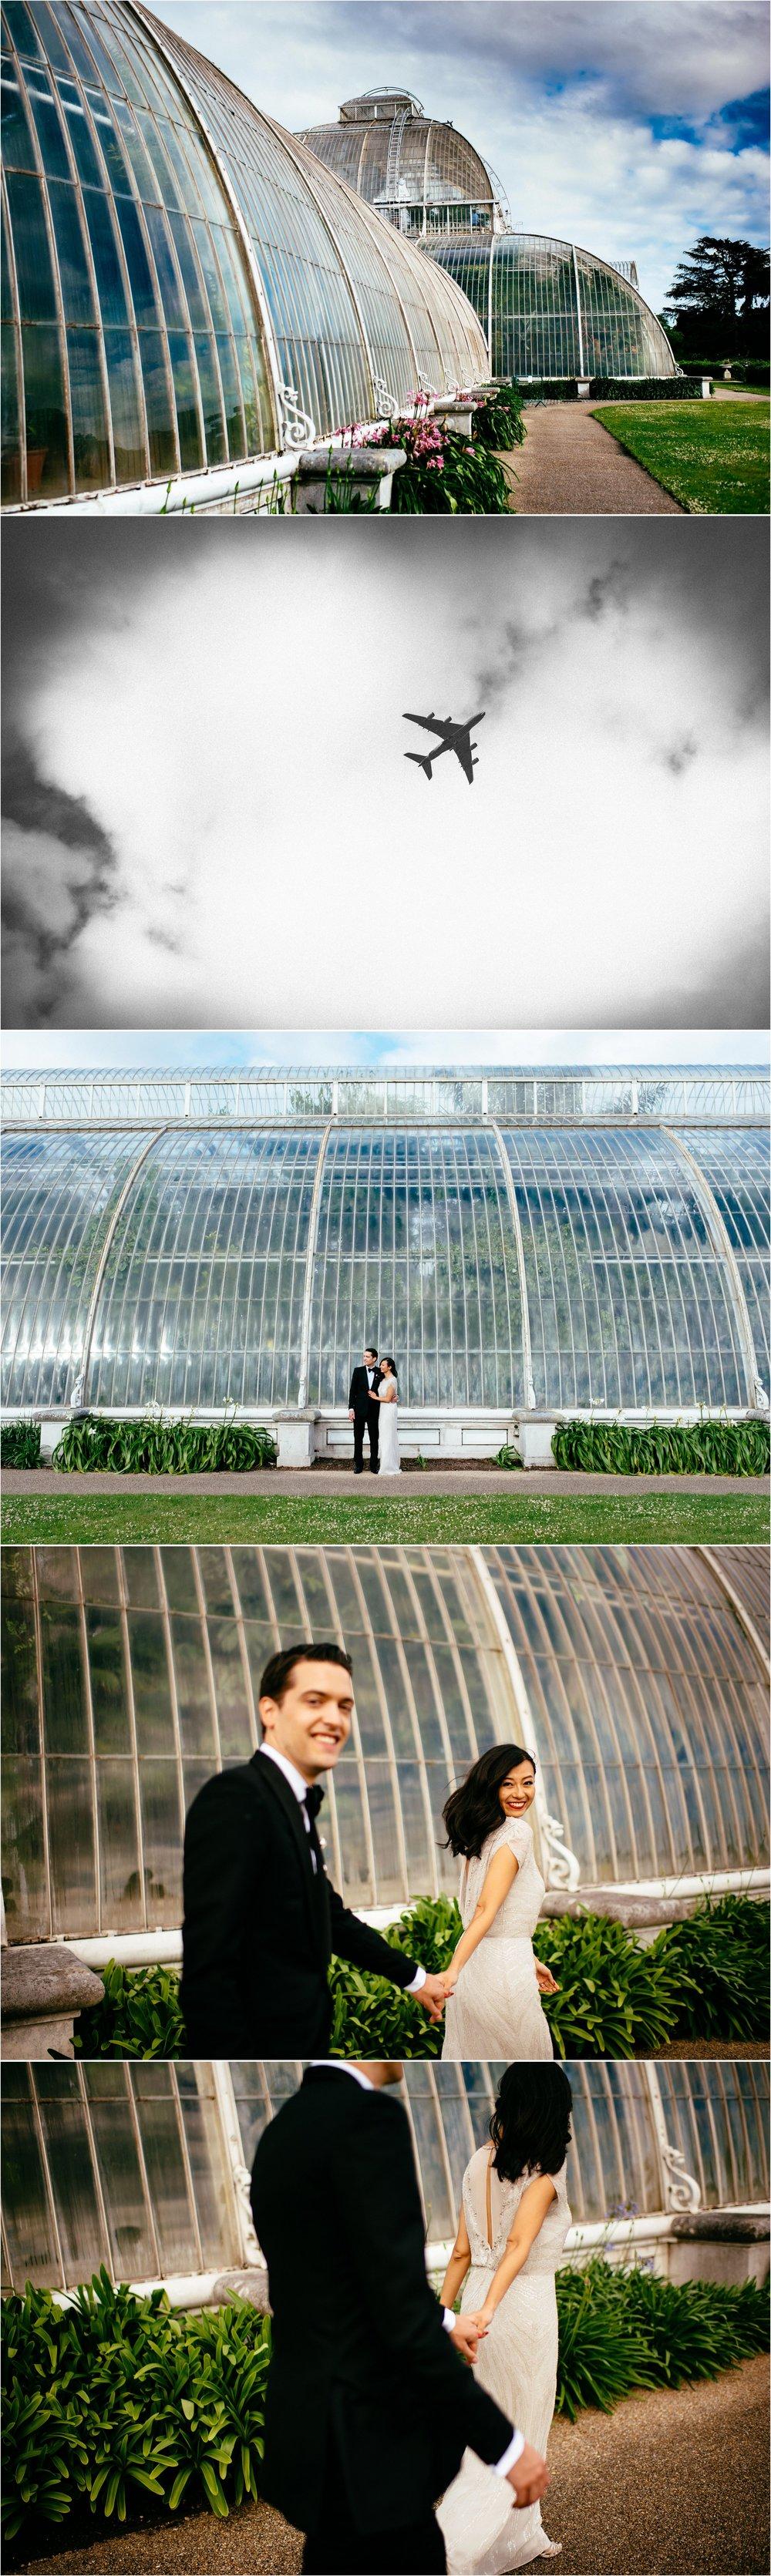 Kew Garden wedding photographer_0194.jpg